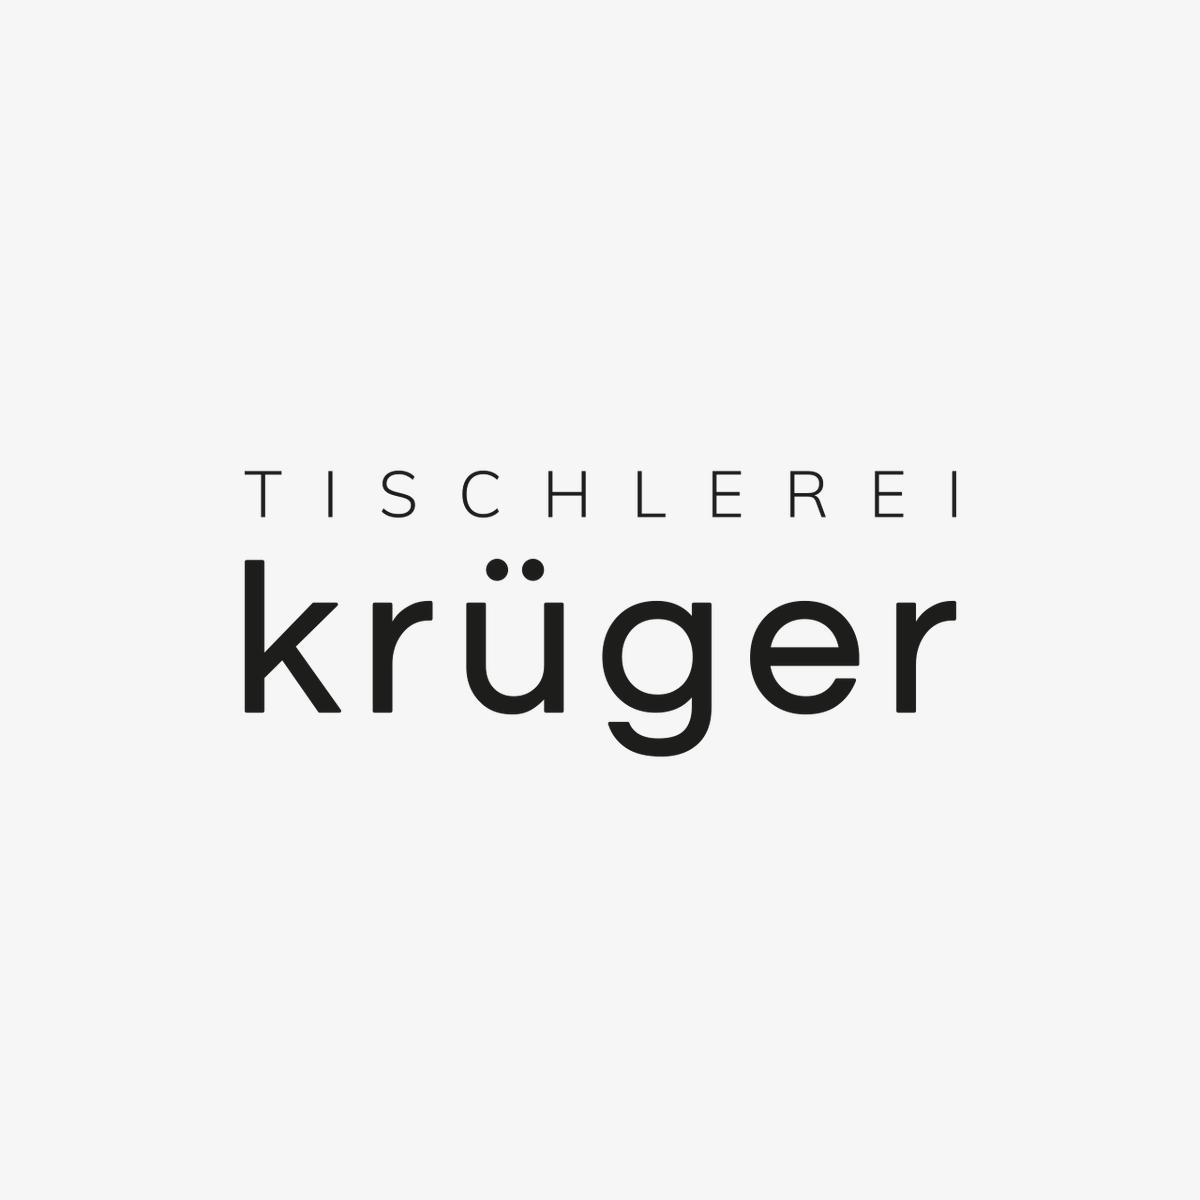 Tischlerei Krüger Logoentwicklung. #BlhHamburg #TischlereiKrüger #Logo #Logoentwicklung #Logodesign #Grafikdesign #CorporateDesign #Markenbildung #Marke #Marketing #Branding